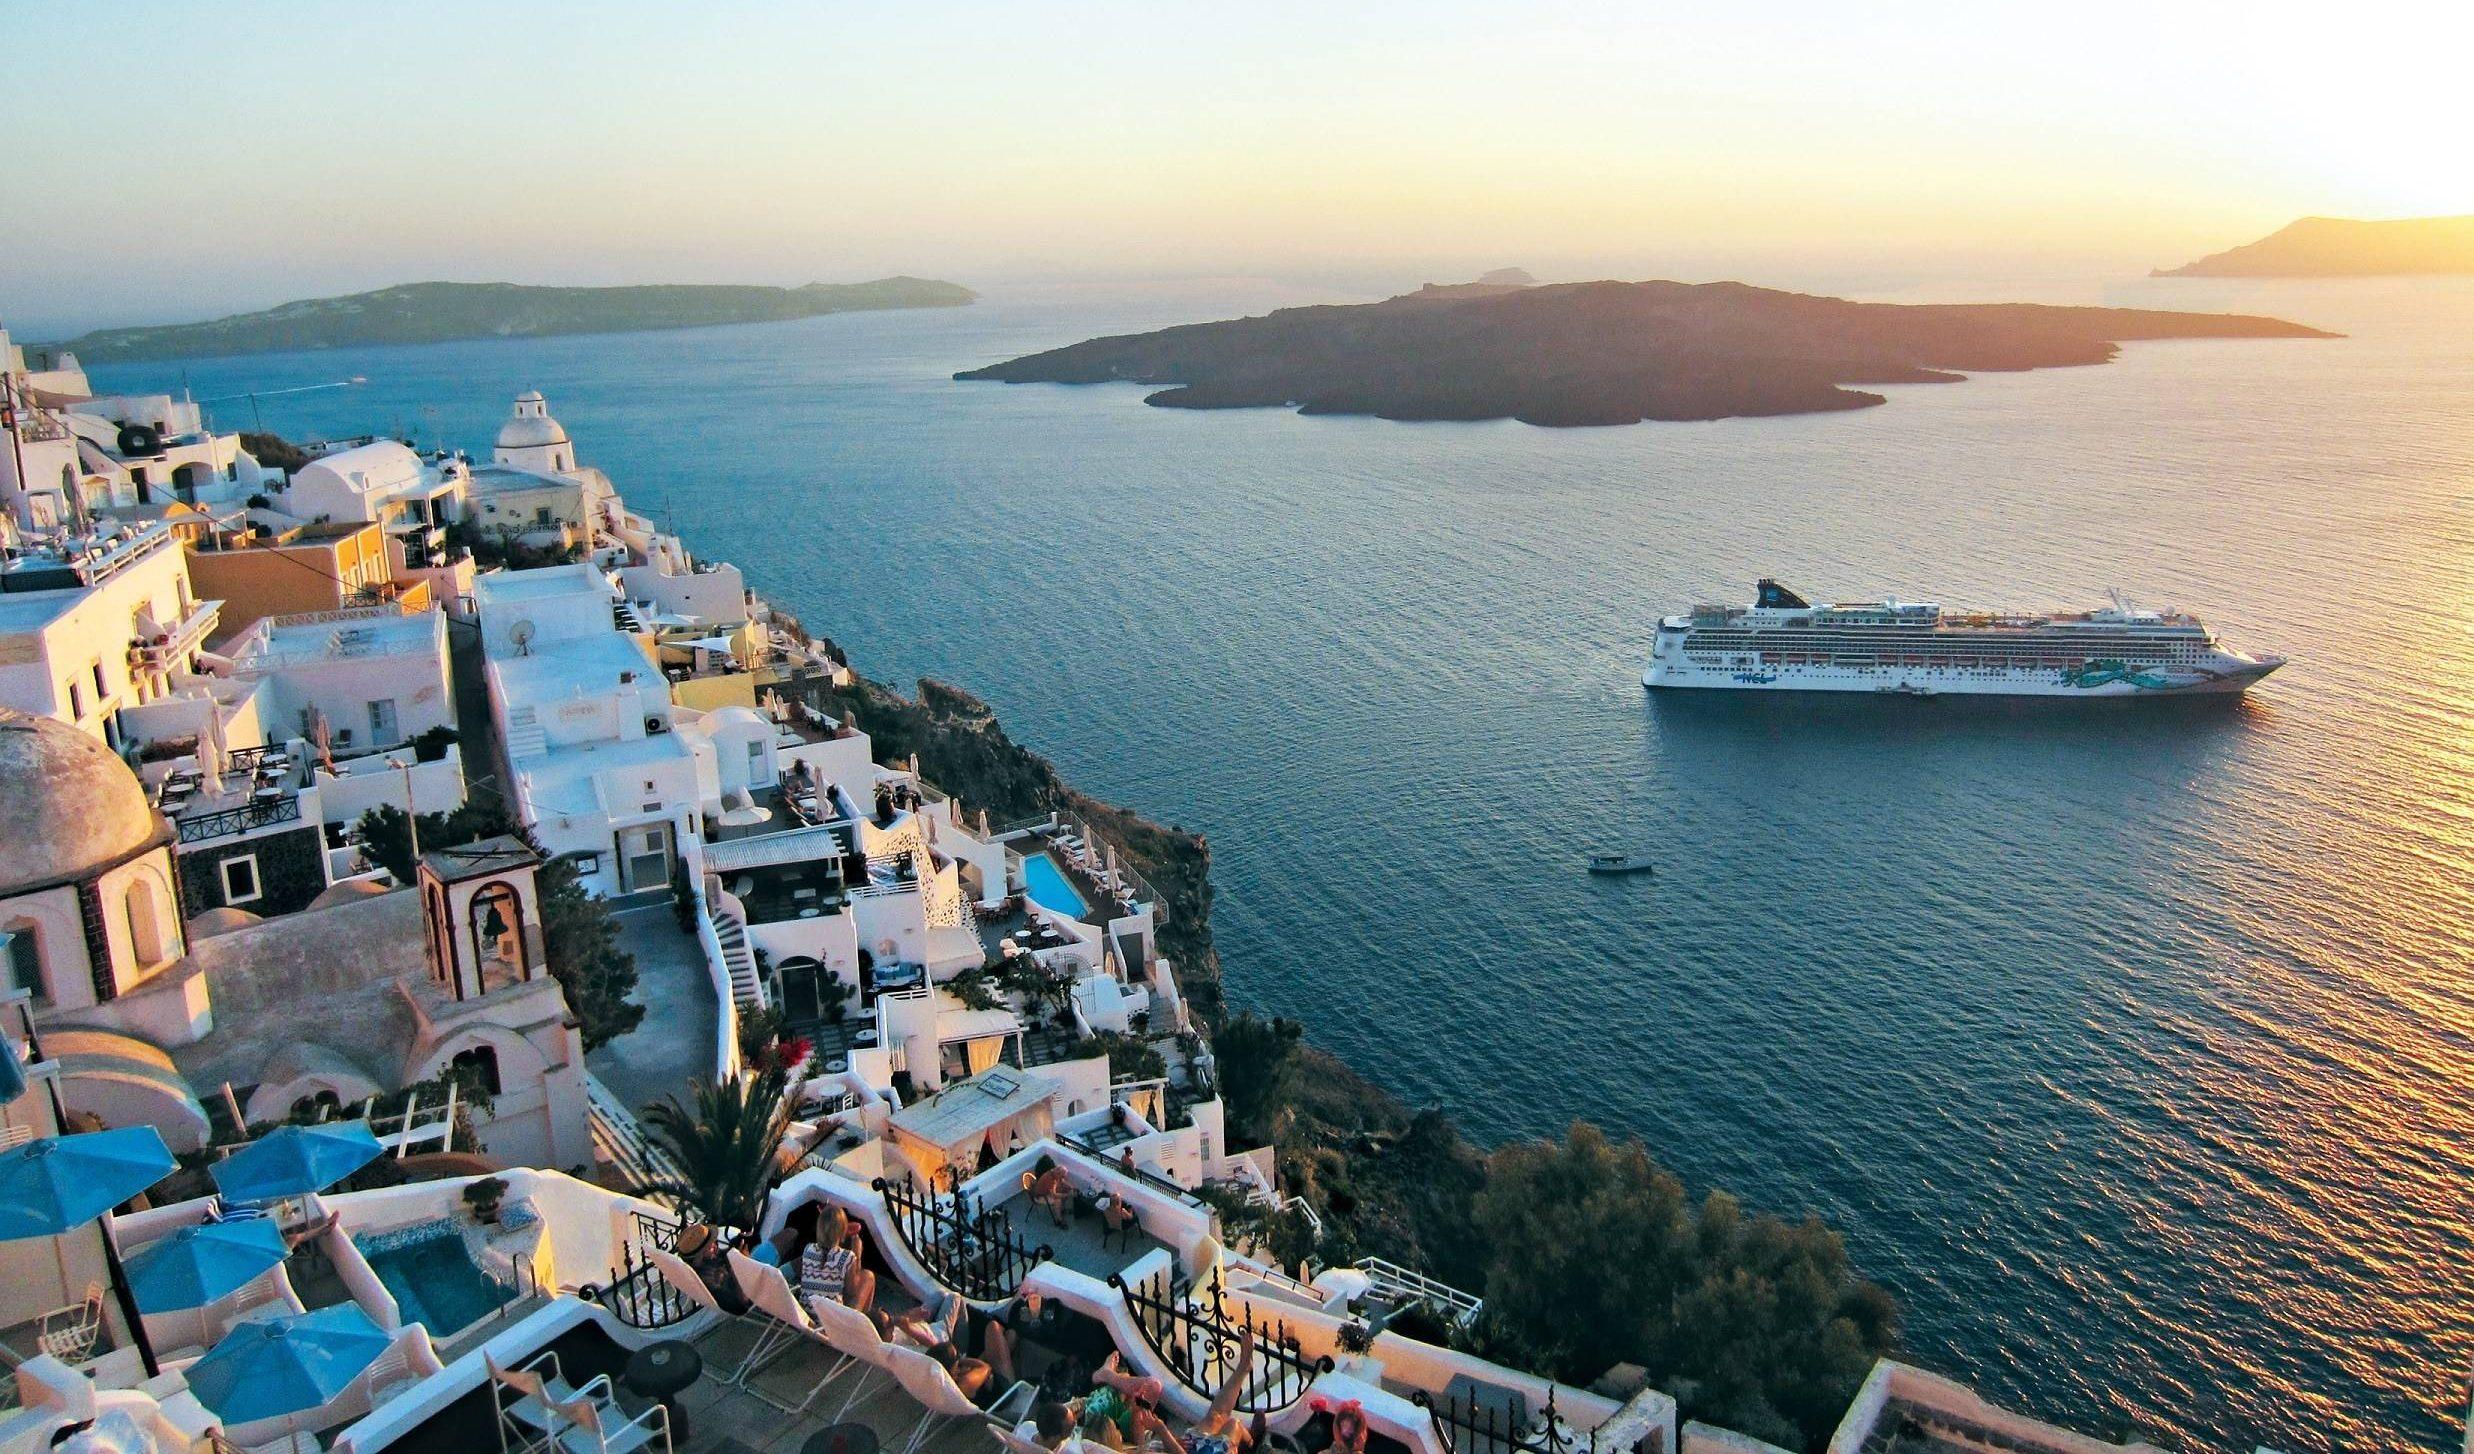 Norwegian er igen begyndt at sejle i Middelhavet. Til at begynde med sejler Norwegian Jade krydstogter på én uge, hvor blandt andet Santorini, billedet, besøges. Pressefoto: Norwegian Cruise Line.